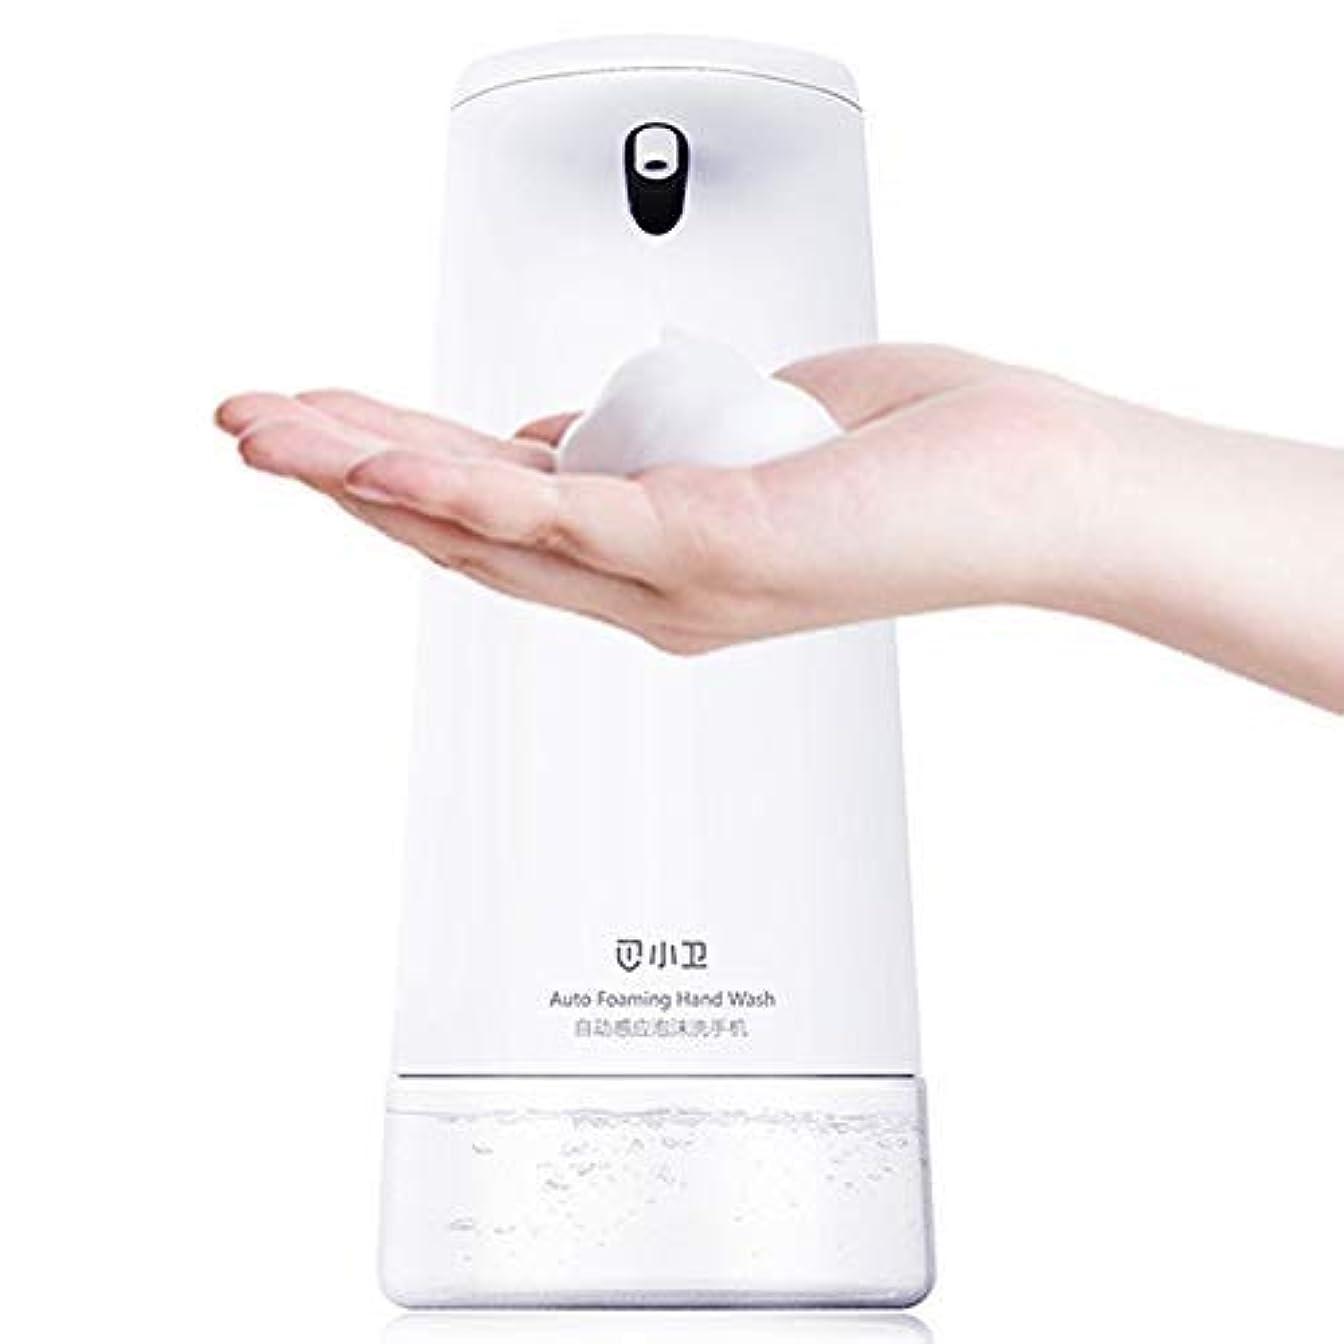 パーツ強いソブリケット250ミリリットルインテリジェント自動泡石鹸ディスペンサー誘導発泡手洗い機ポータブル液体石鹸ディスペンサー浴室ツール